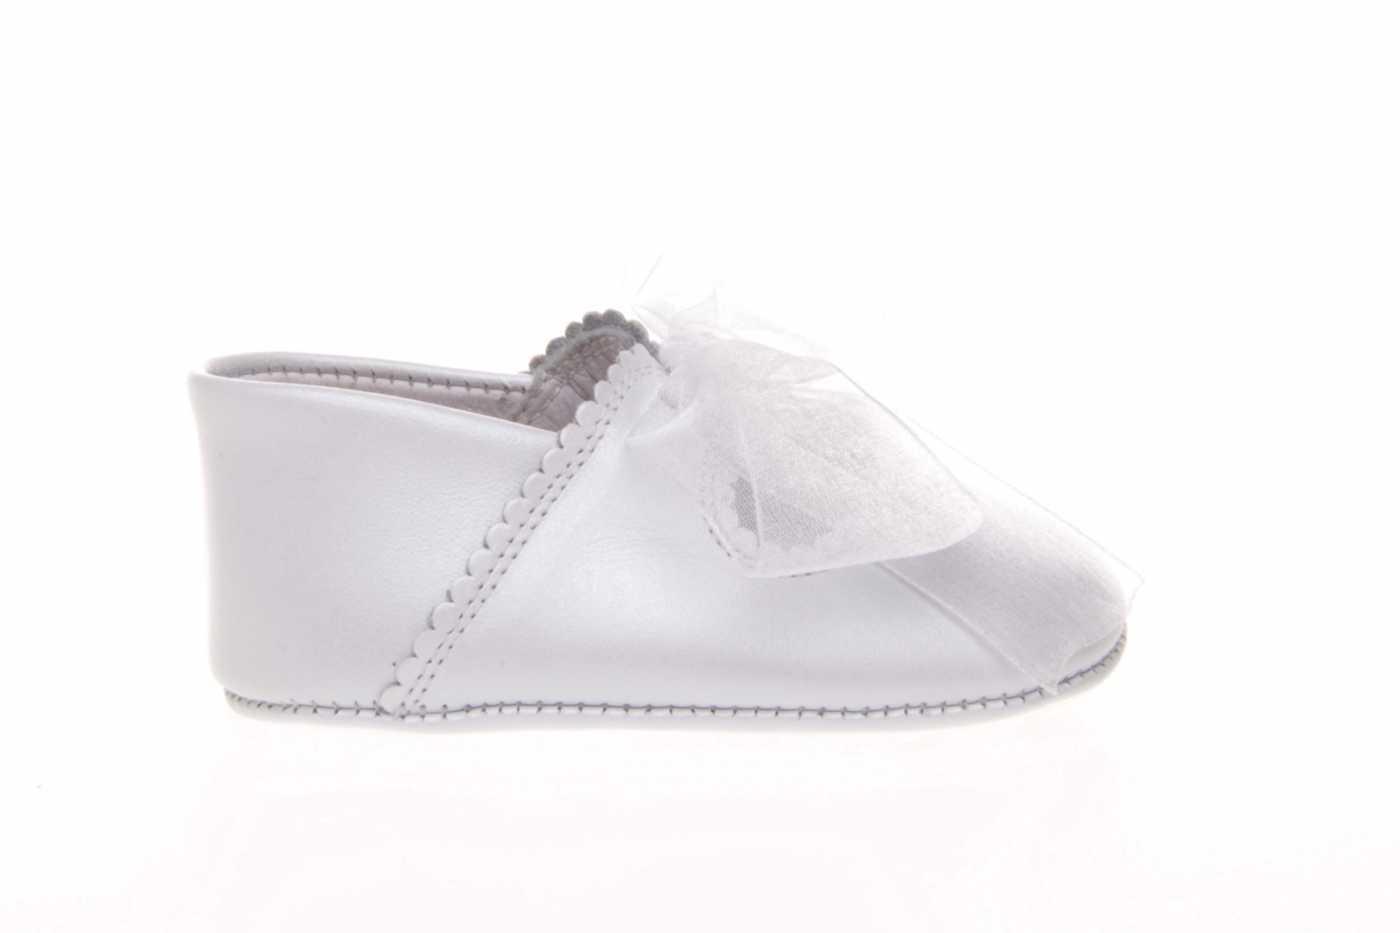 e5e764773 Comprar zapato tipo BEBE NIÑA estilo MERCEDES COLOR BLANCO NACARADO ...